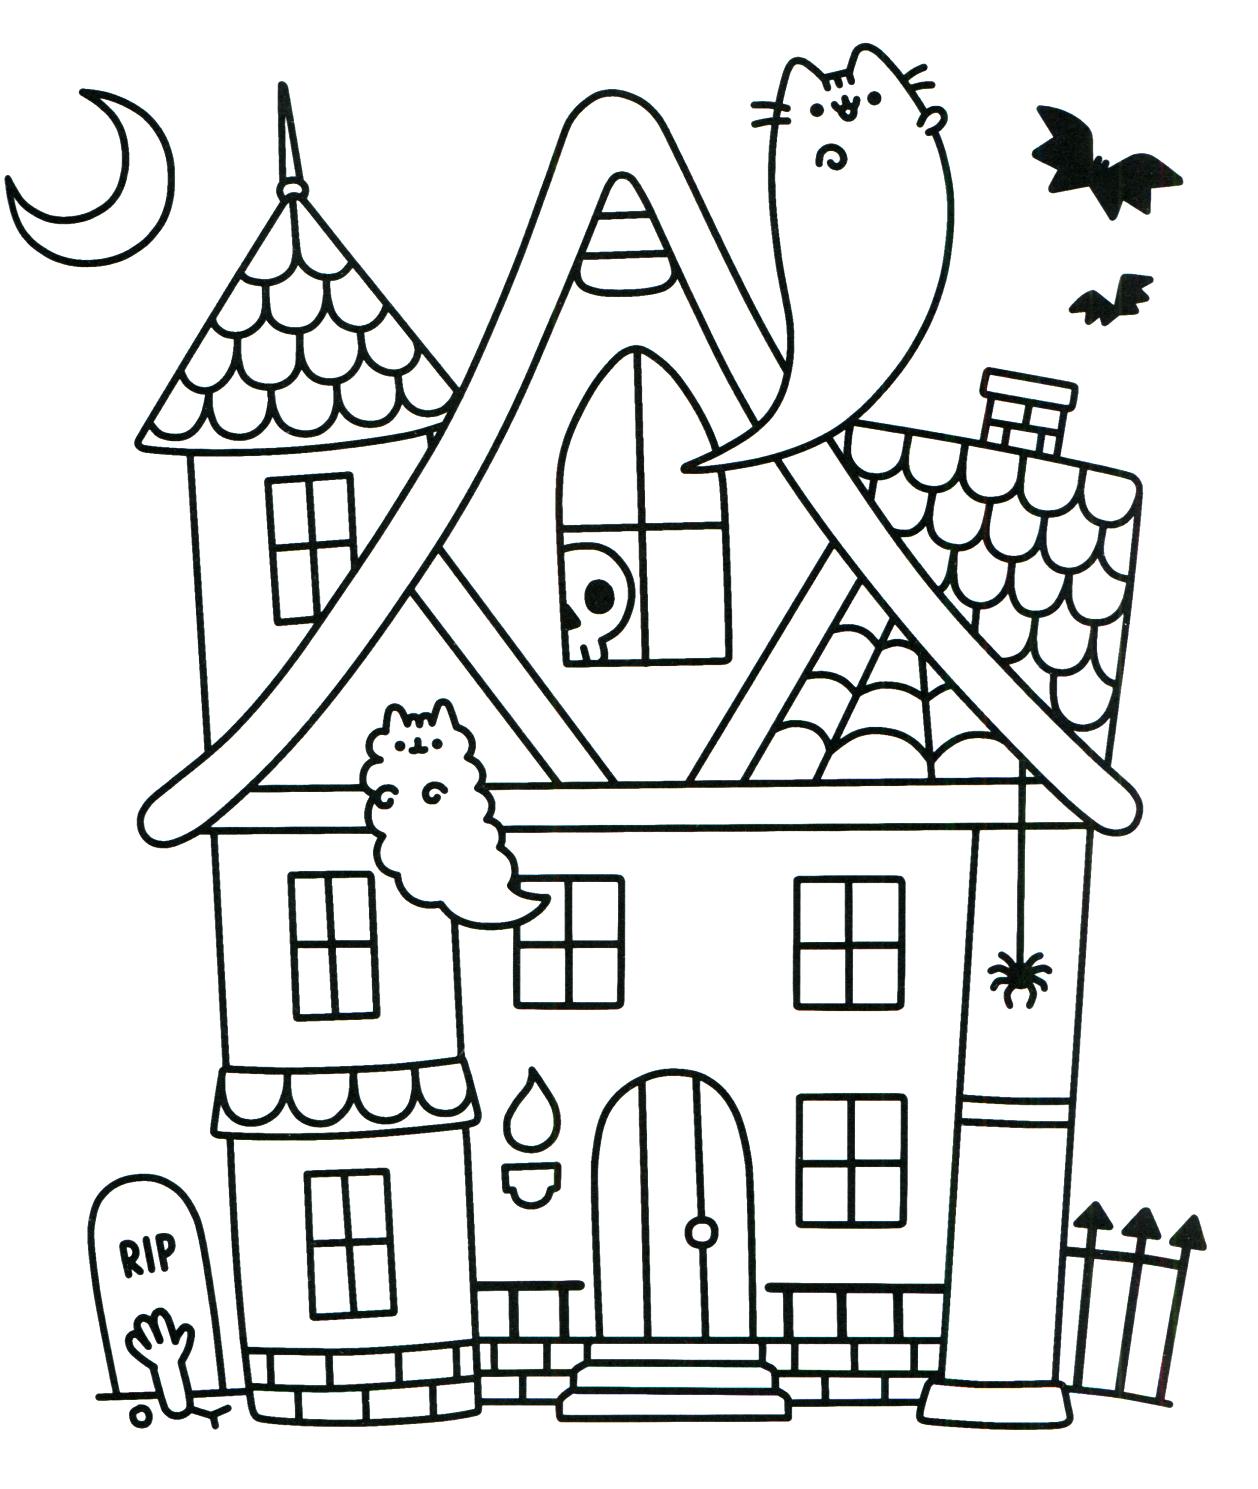 Pusheen Coloring Book Pusheen Pusheen the Cat | Pusheen Coloring ...